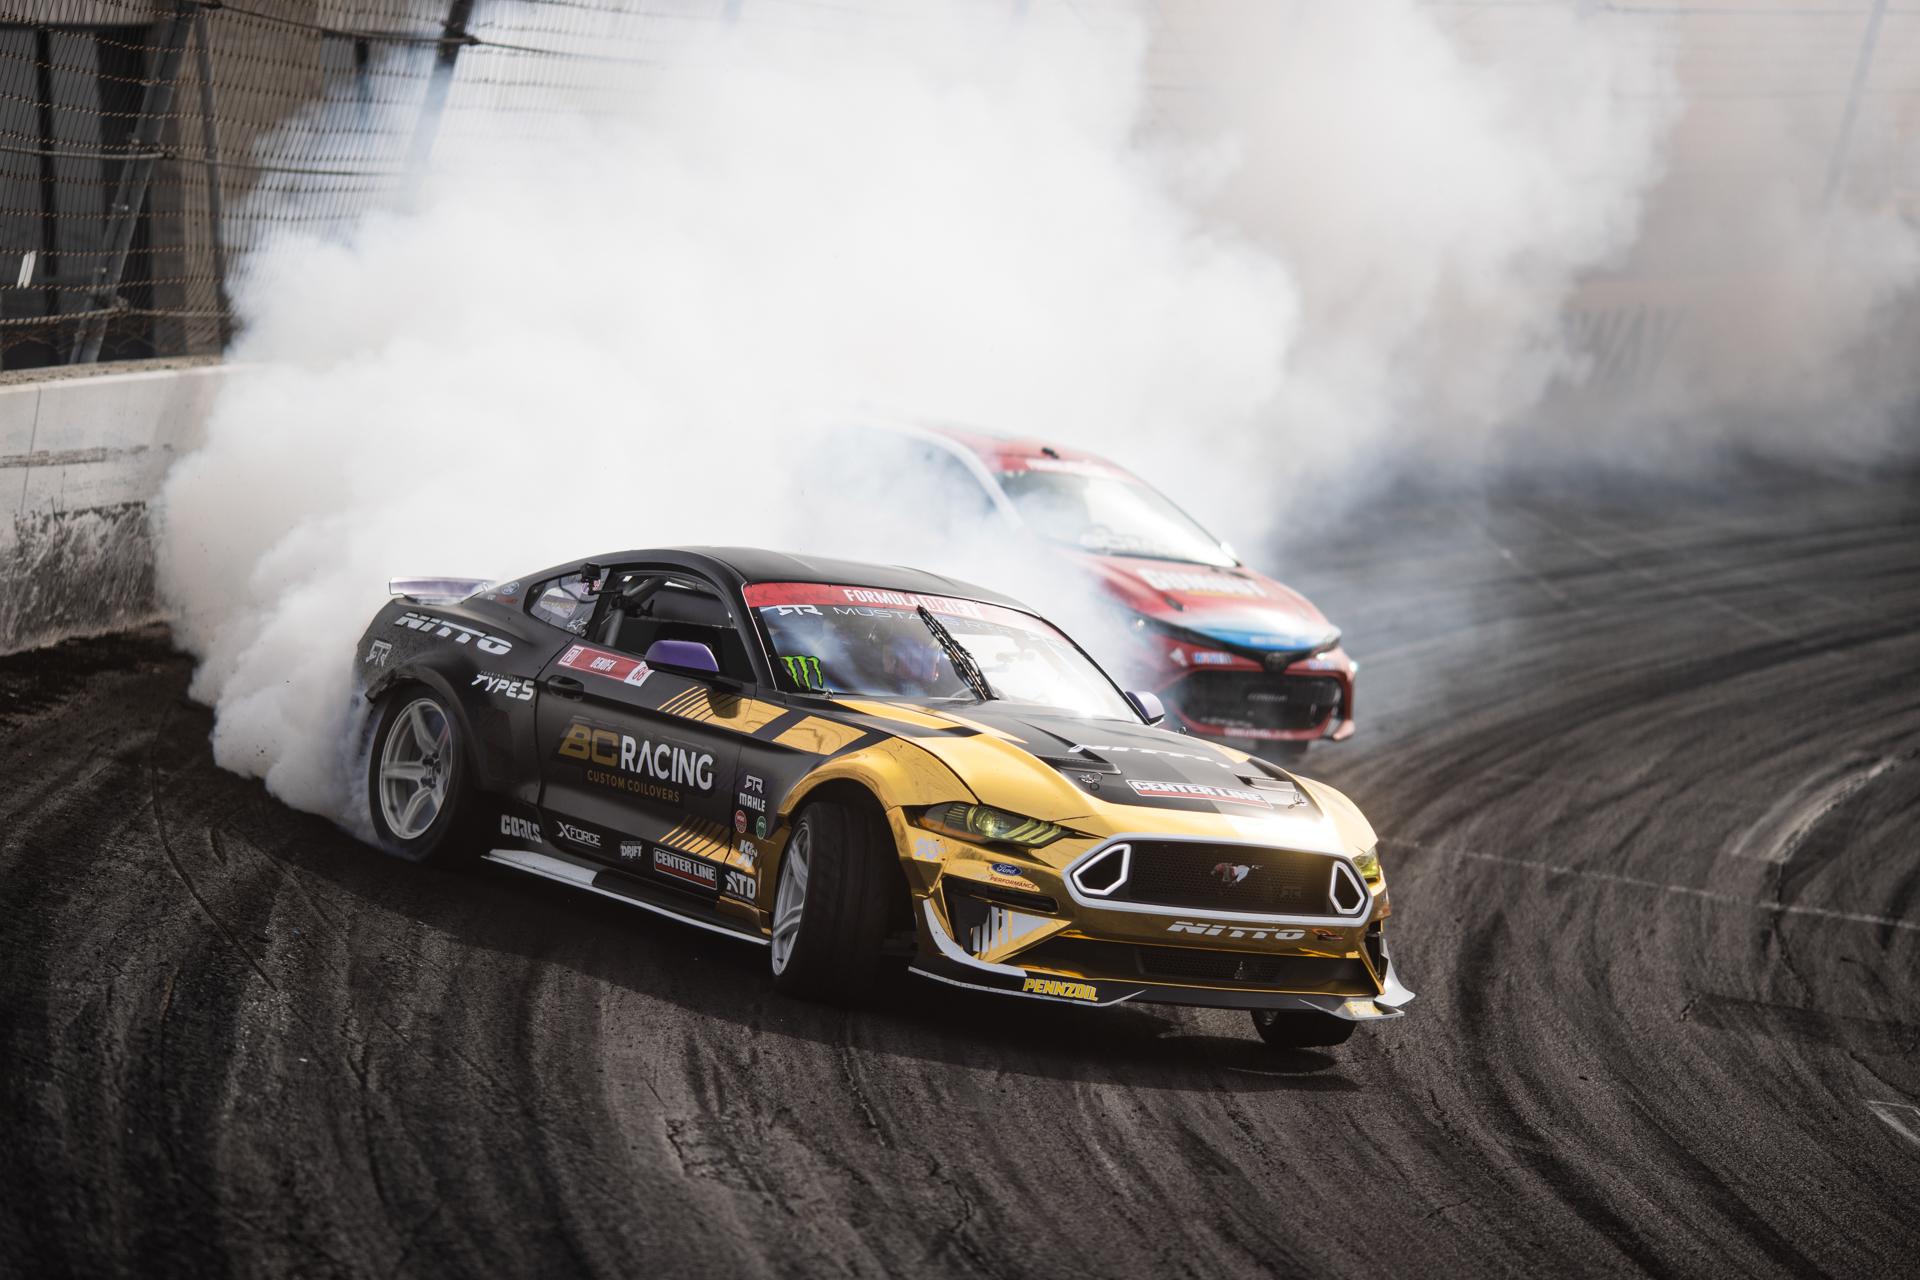 BC Racing Chelsea Denofa tandem drift leading